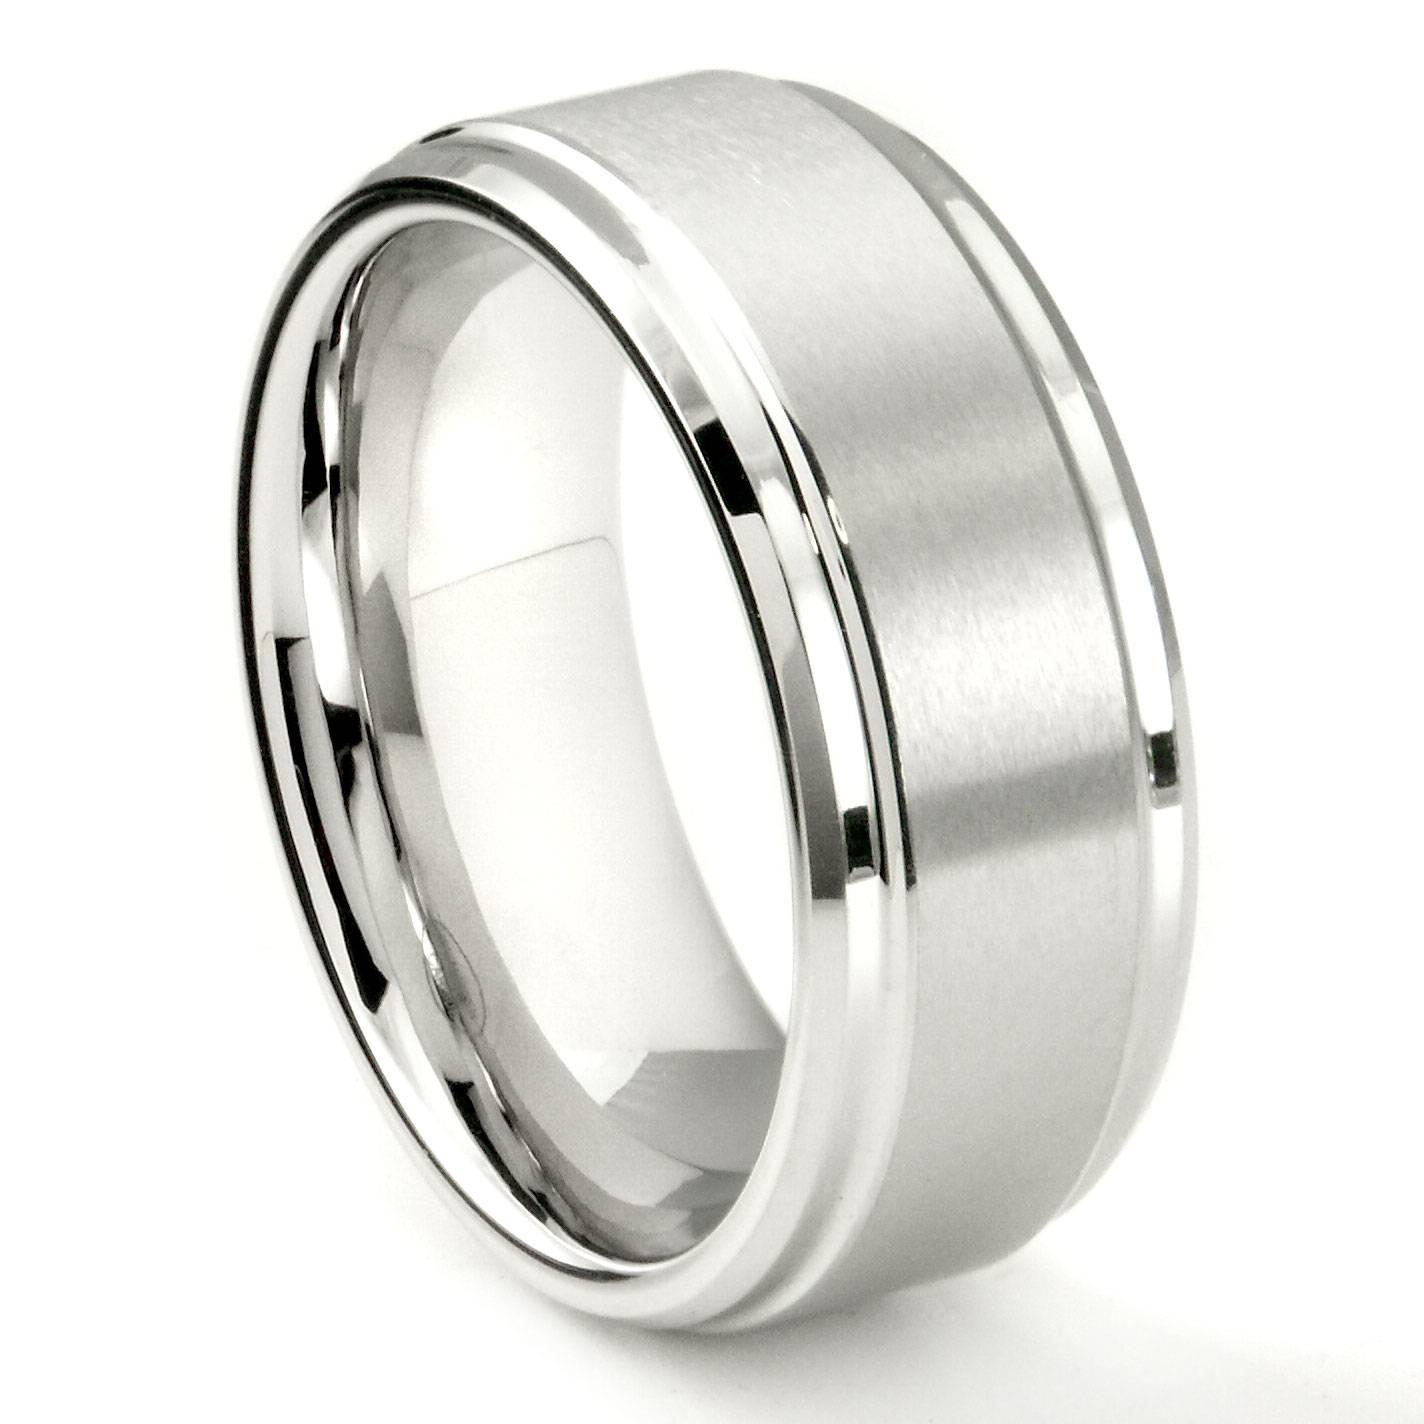 White Tungsten Carbide 9Mm Brush Center Wedding Band Ring Inside Tungsten Wedding Bands (View 15 of 15)